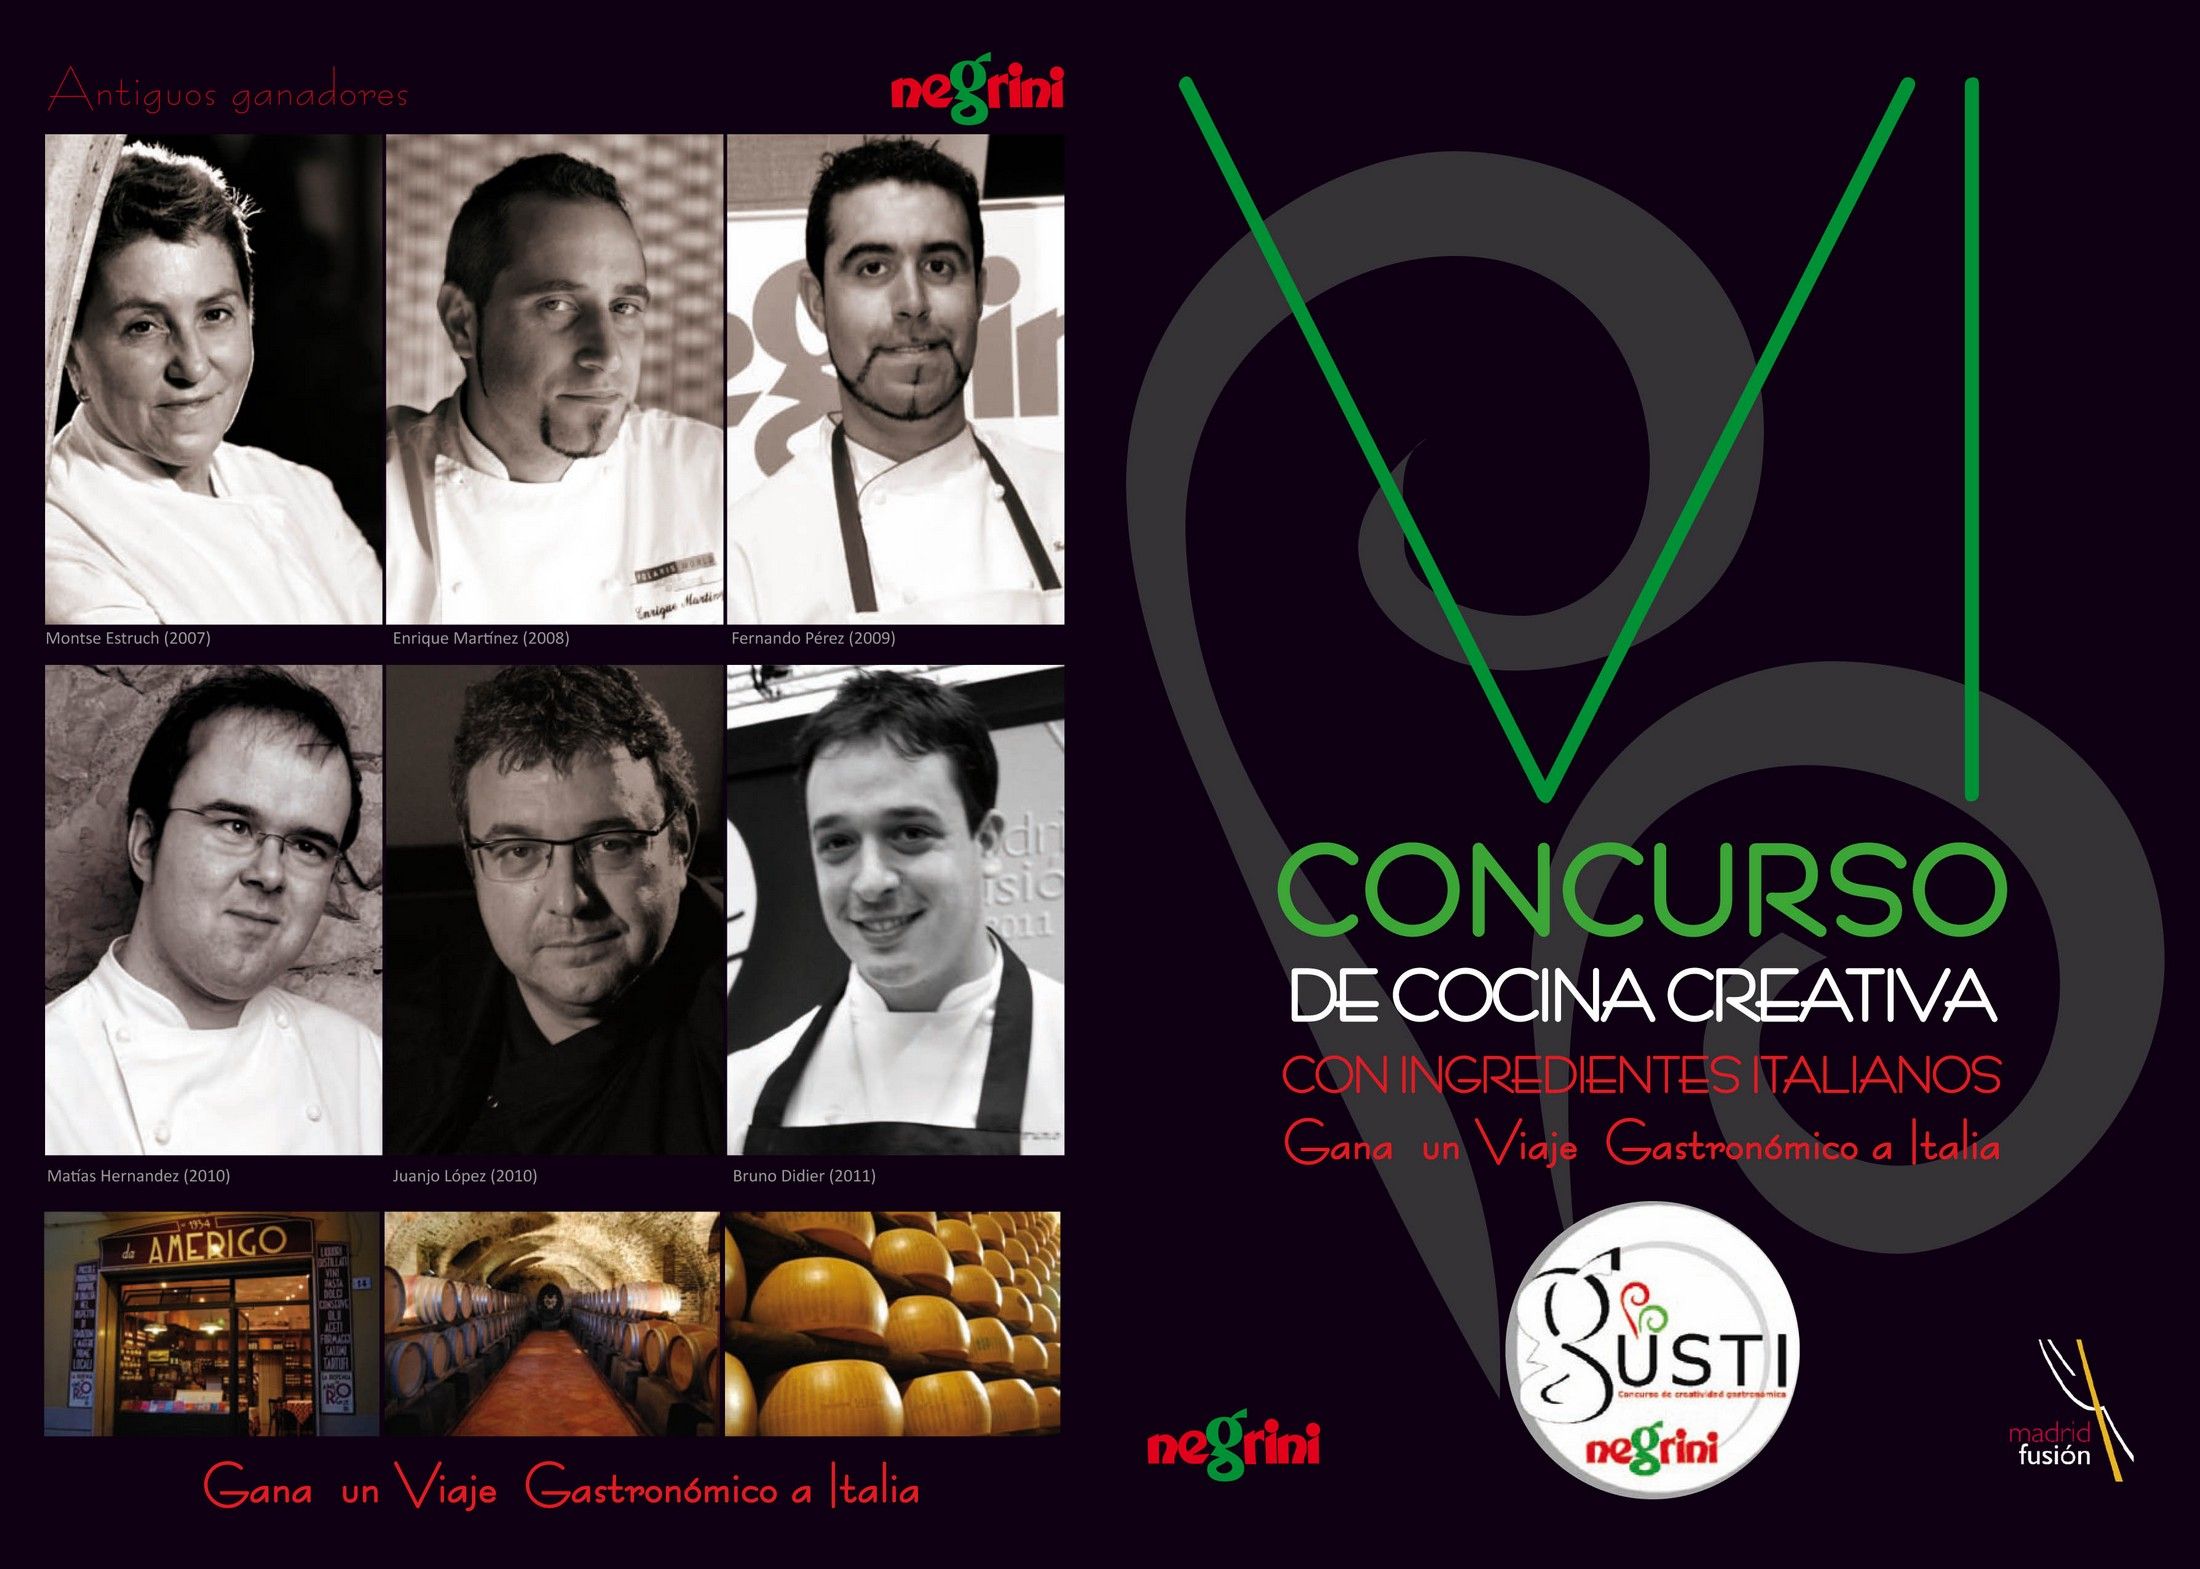 Concurso Cocina Creativa Madrid Fusion 1